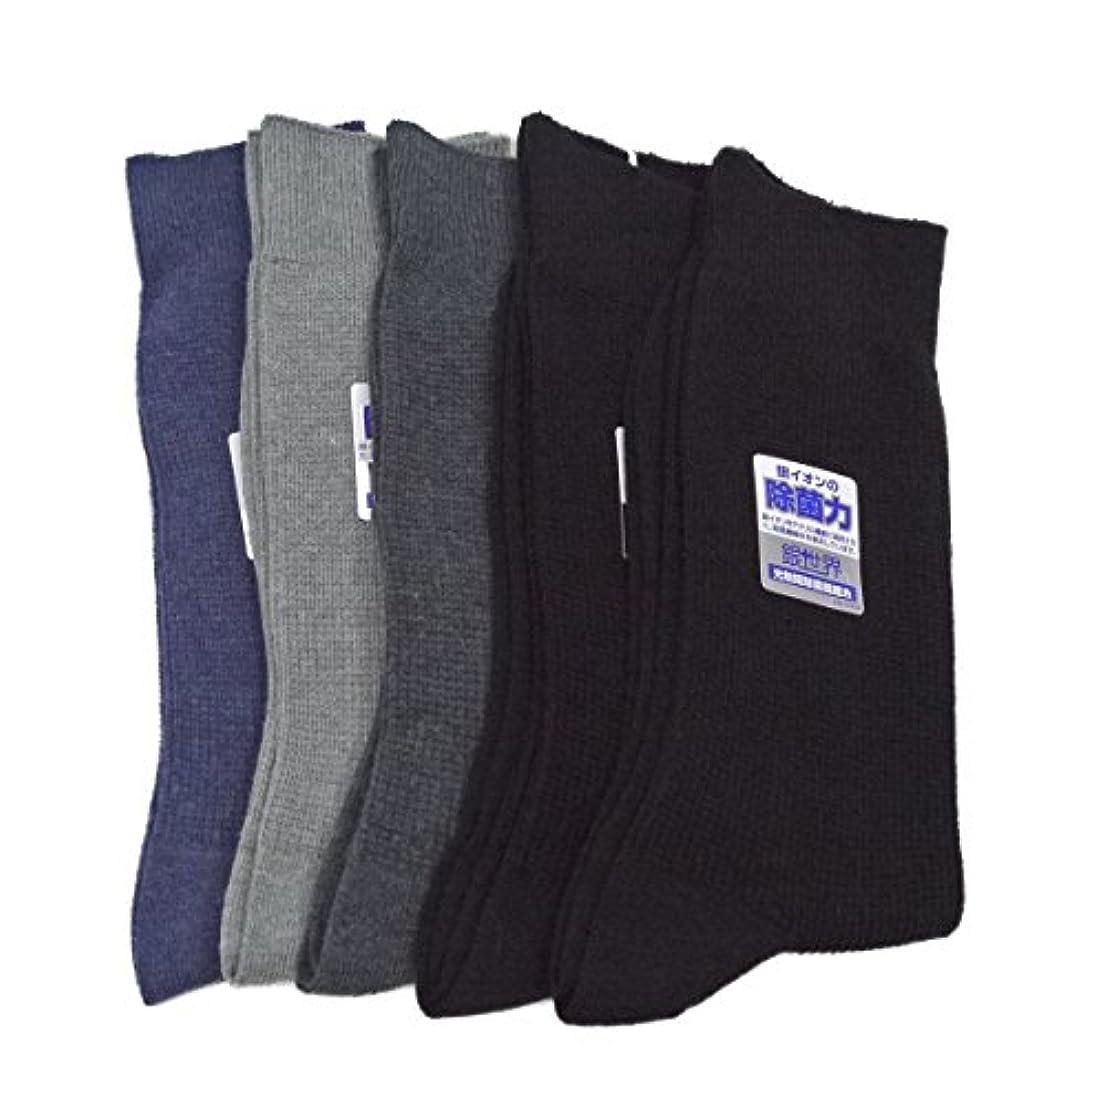 当社スポークスマン絞る東洋紡 銀世界使用 日本製 銀イオンで除菌の靴下 リッチェル柄 アソート セット